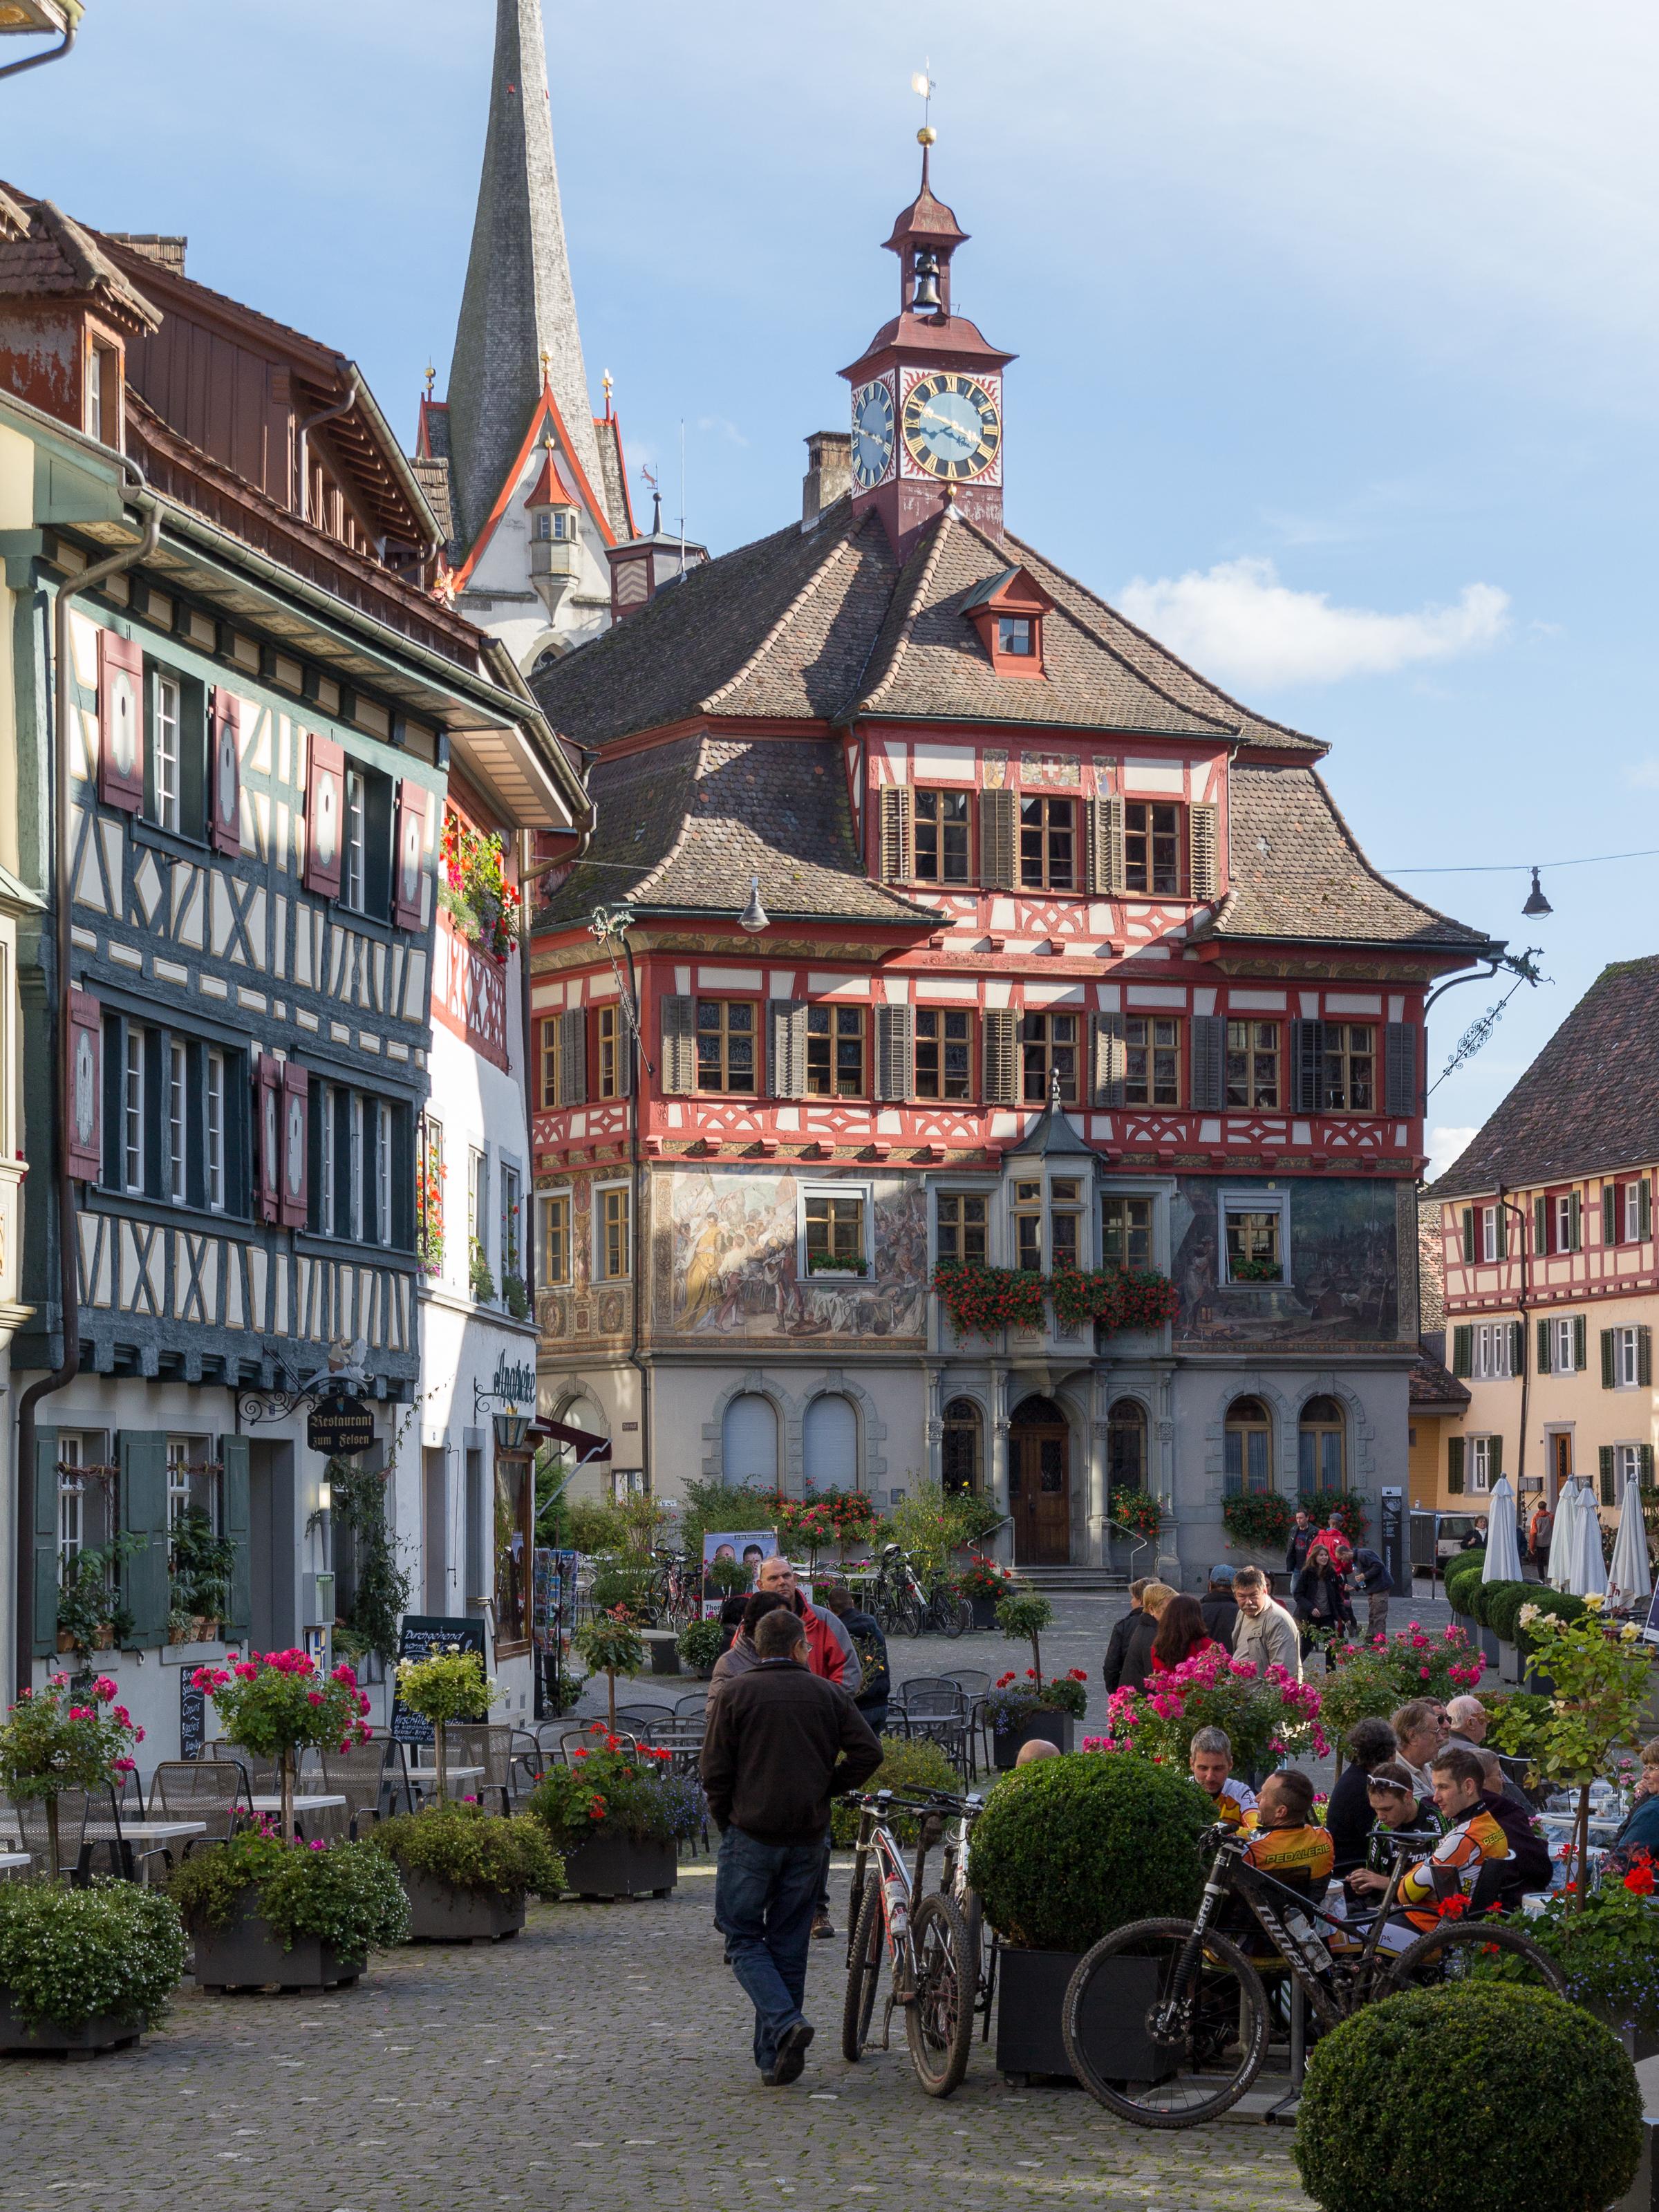 File:Rathaus und Rathausplatz Stein am Rhein-20111009.jpg - Wikimedia  Commons